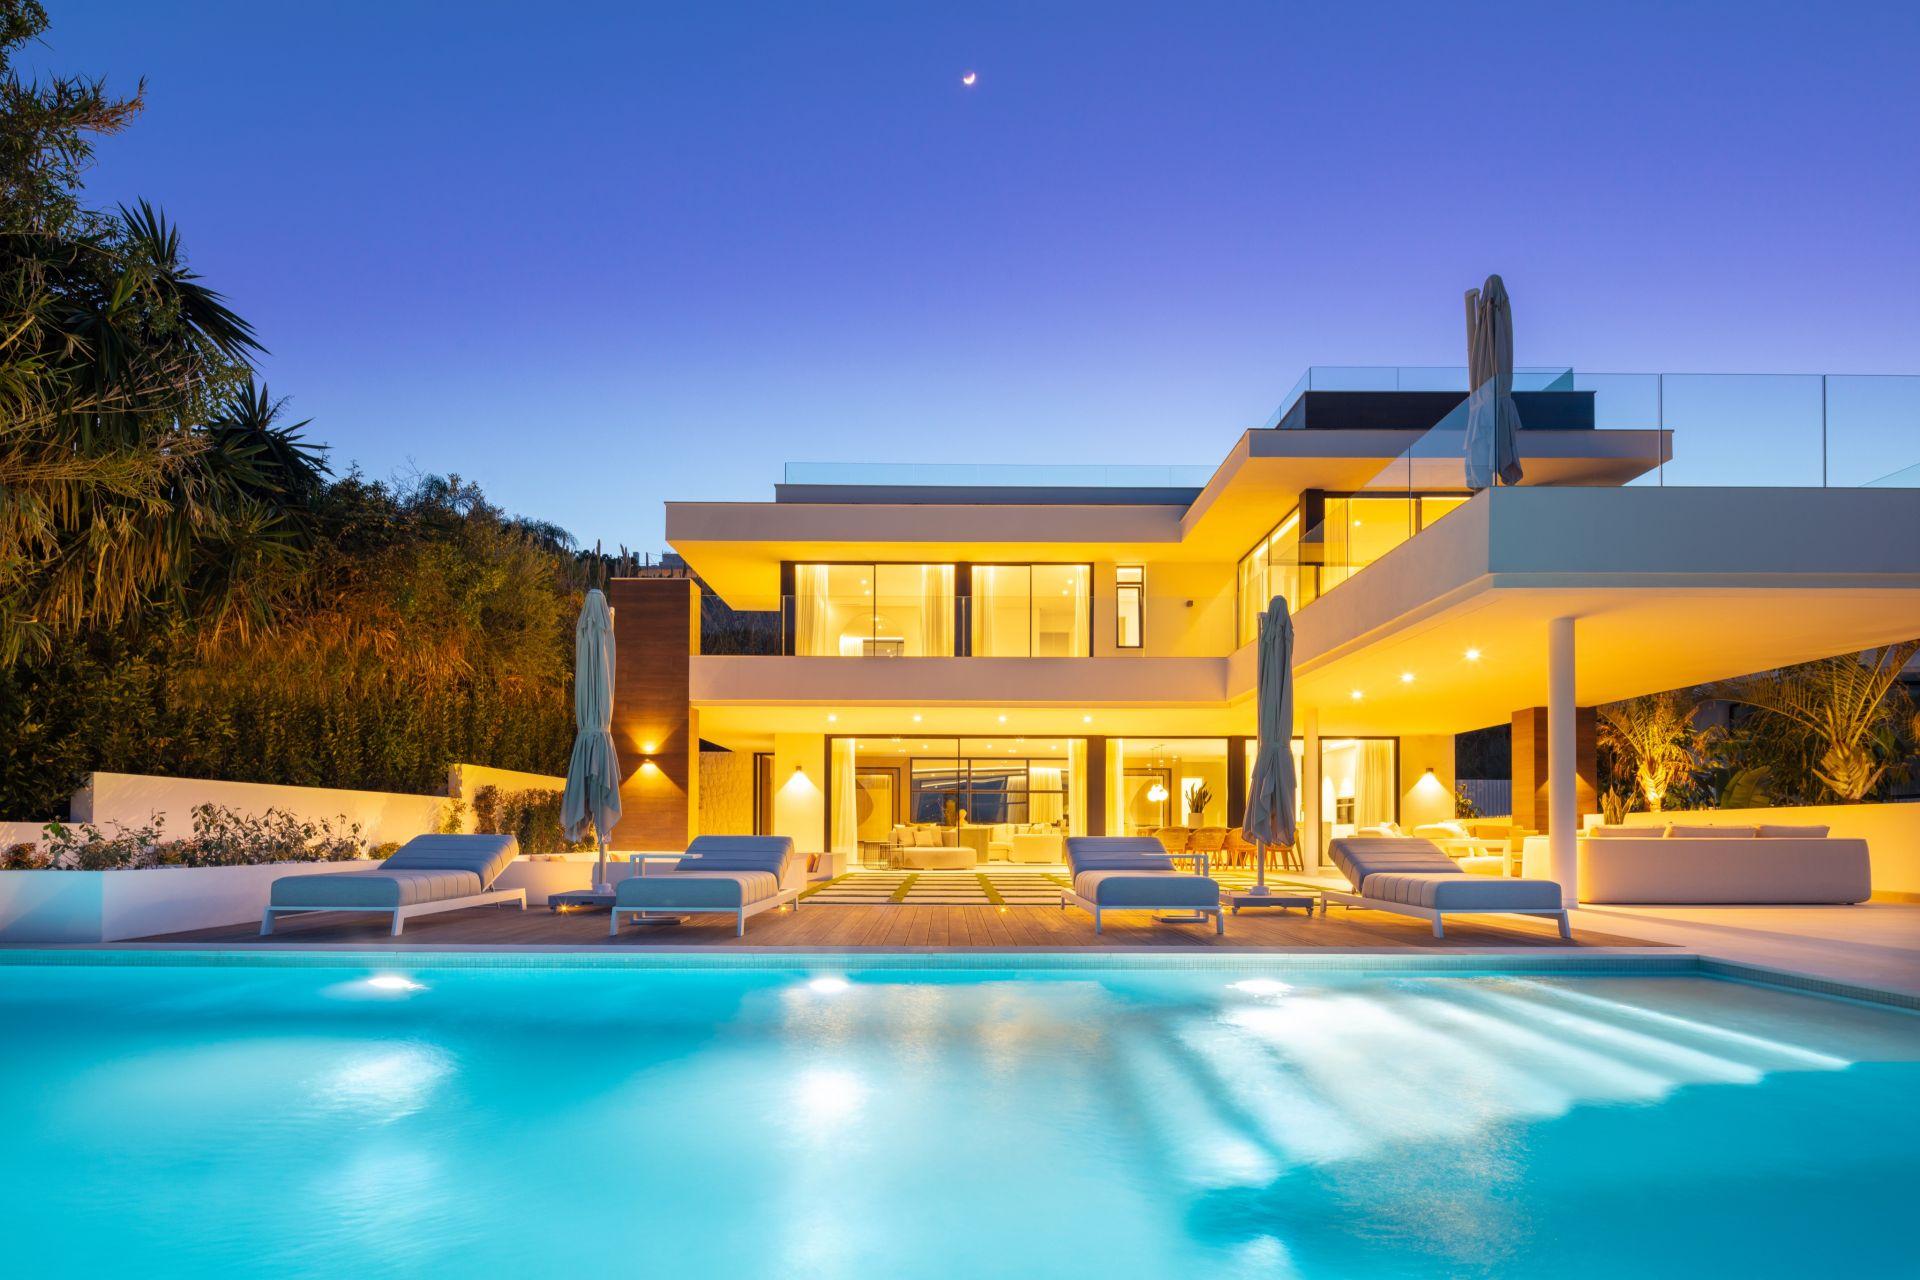 Lujosa villa de estilo LA ubicada en el corazón de Nueva Andalucía